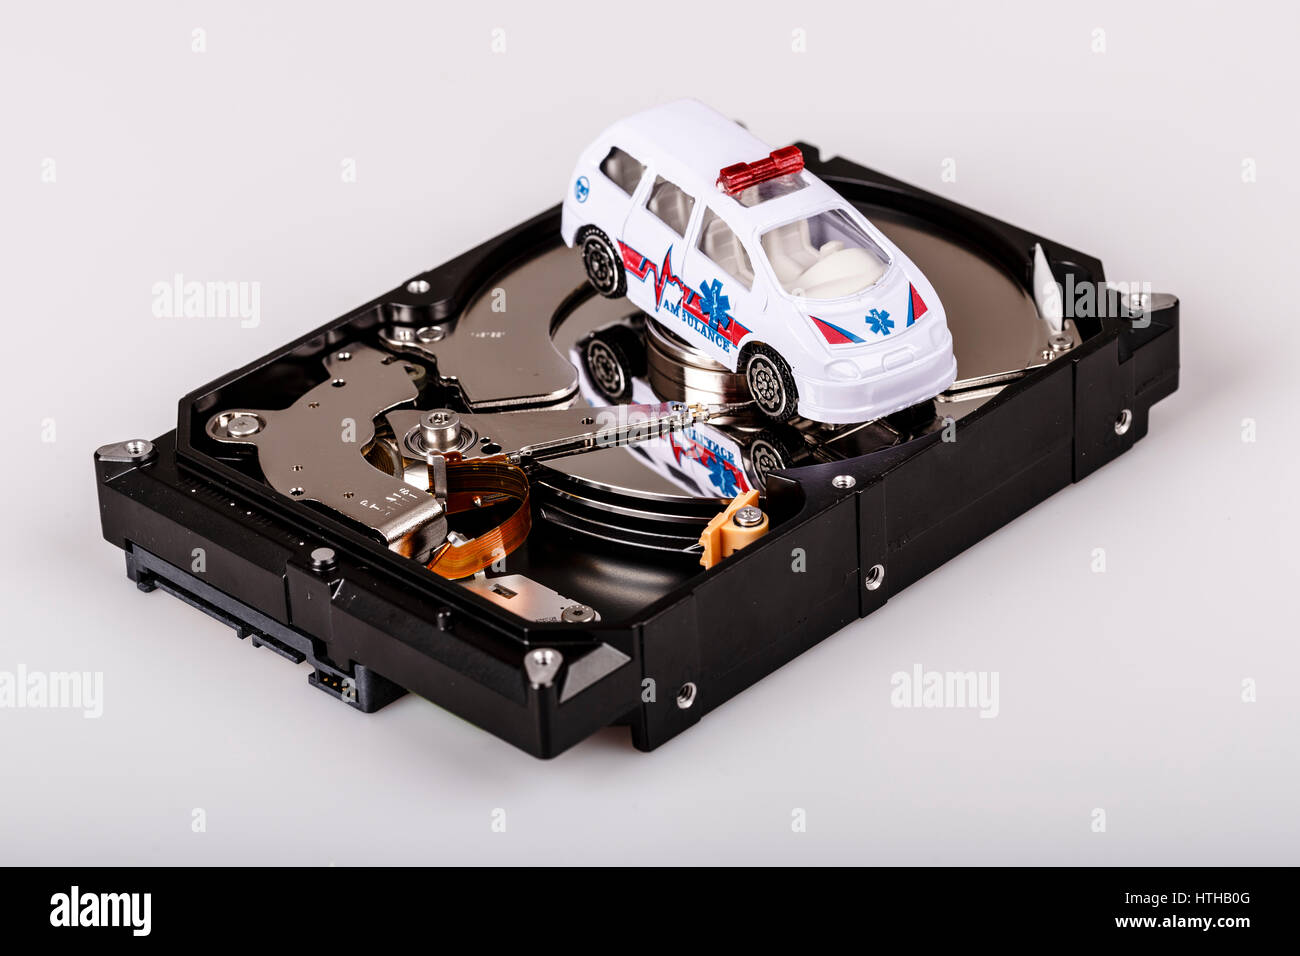 Krankenwagen auf Festplatte oder Hdd - Datensicherung, Sicherheit und Rettung Konzept Stockbild